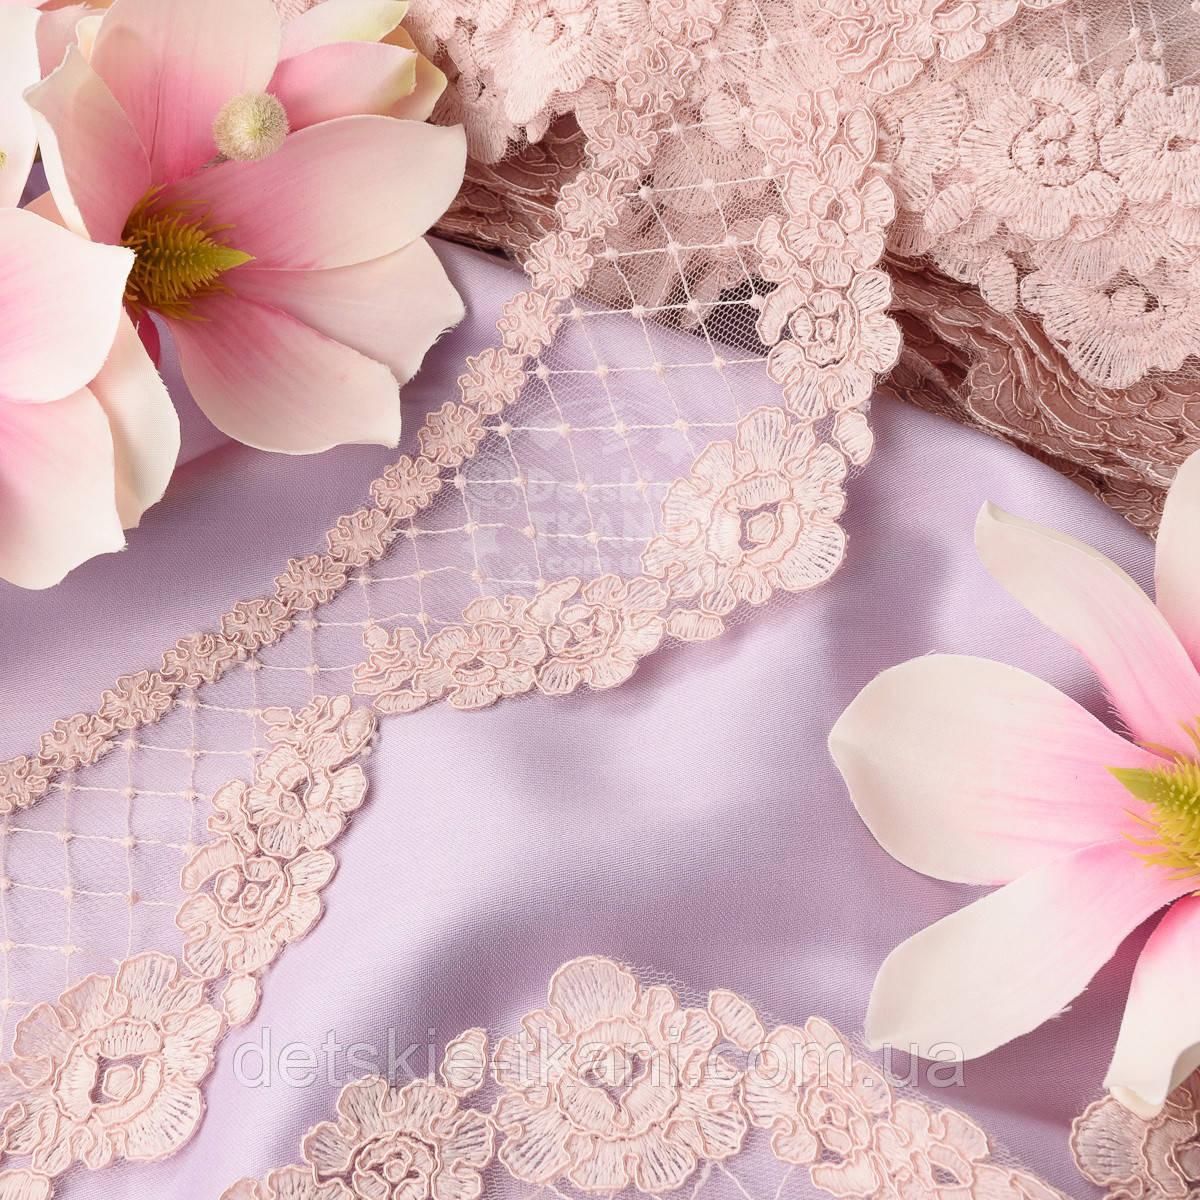 Кружево розового цвета с кордовыми розочками и ромбами, 9 см